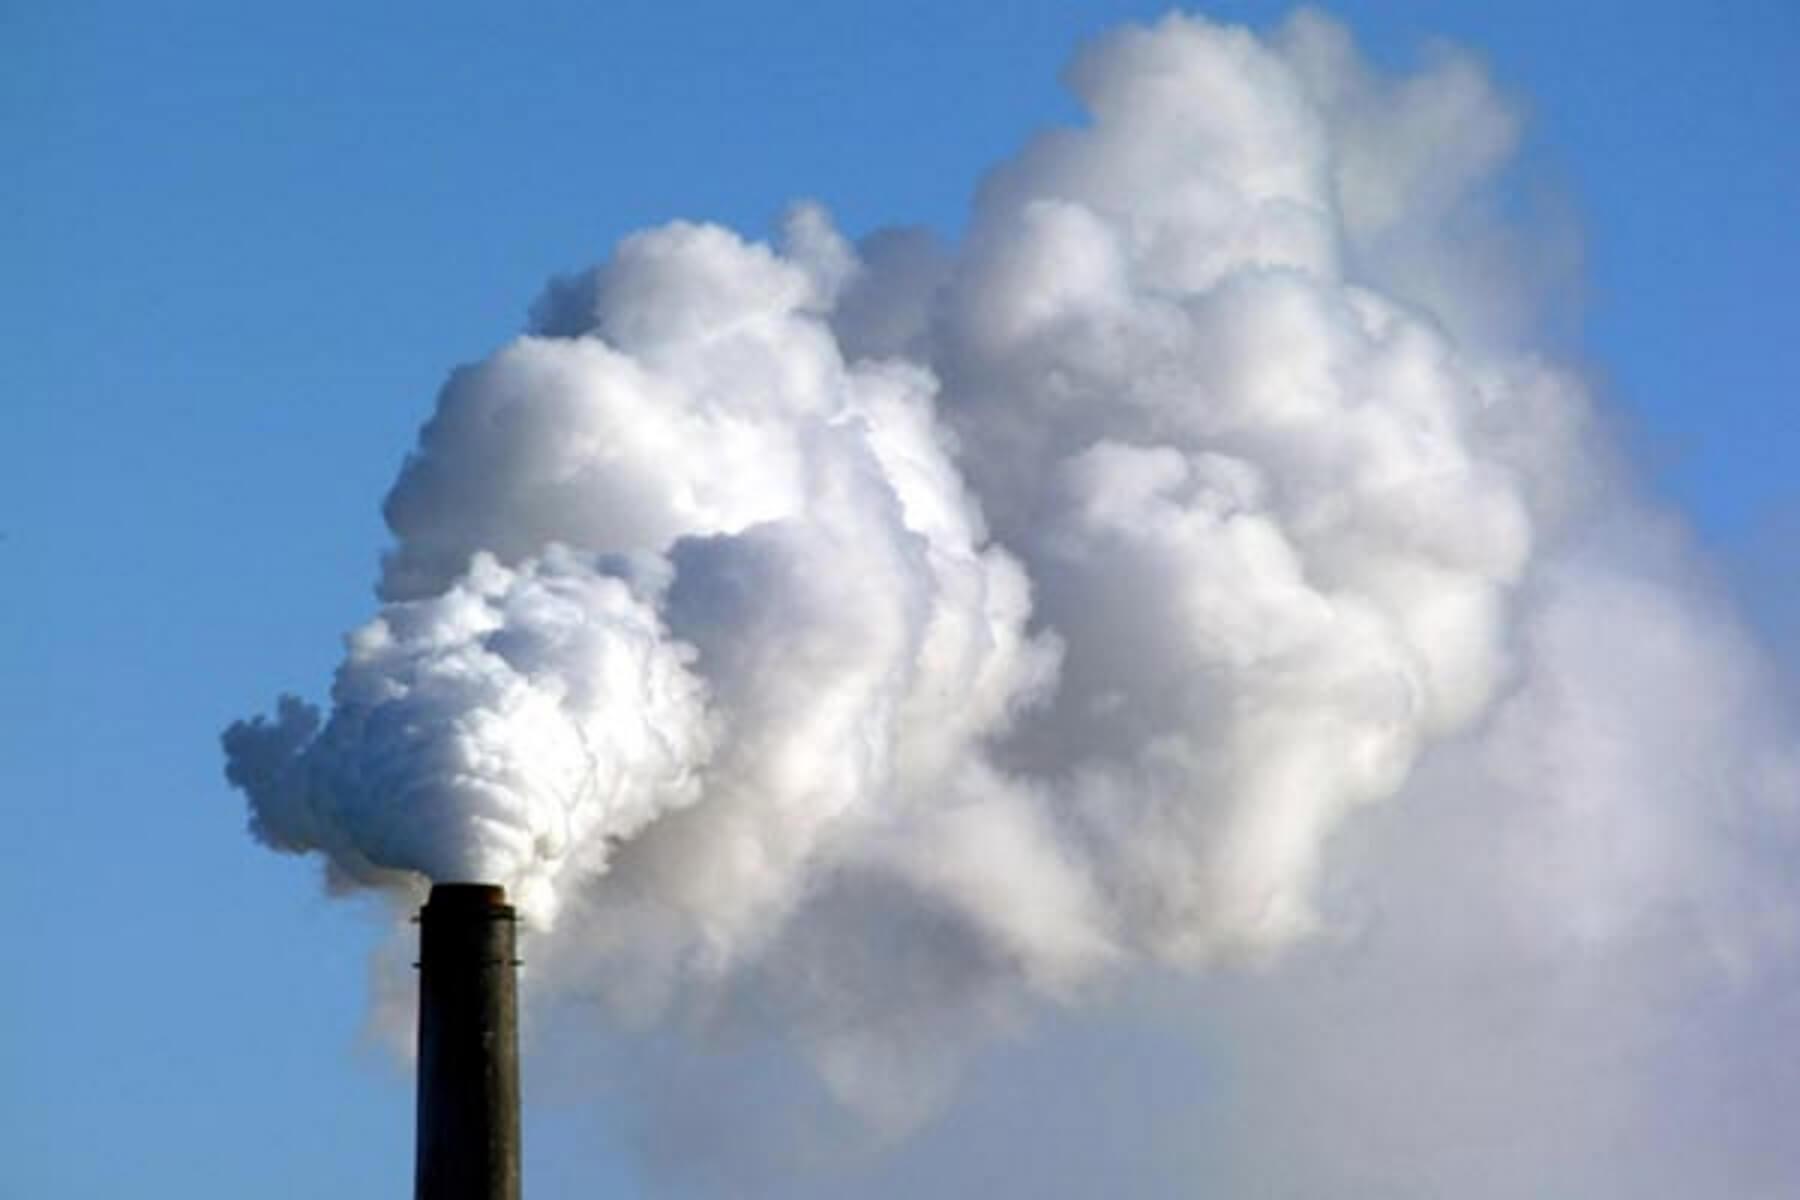 SOS από τους επιστήμονες – Ιστορικό ρεκόρ στην ατμόσφαιρα για το διοξείδιο του άνθρακα